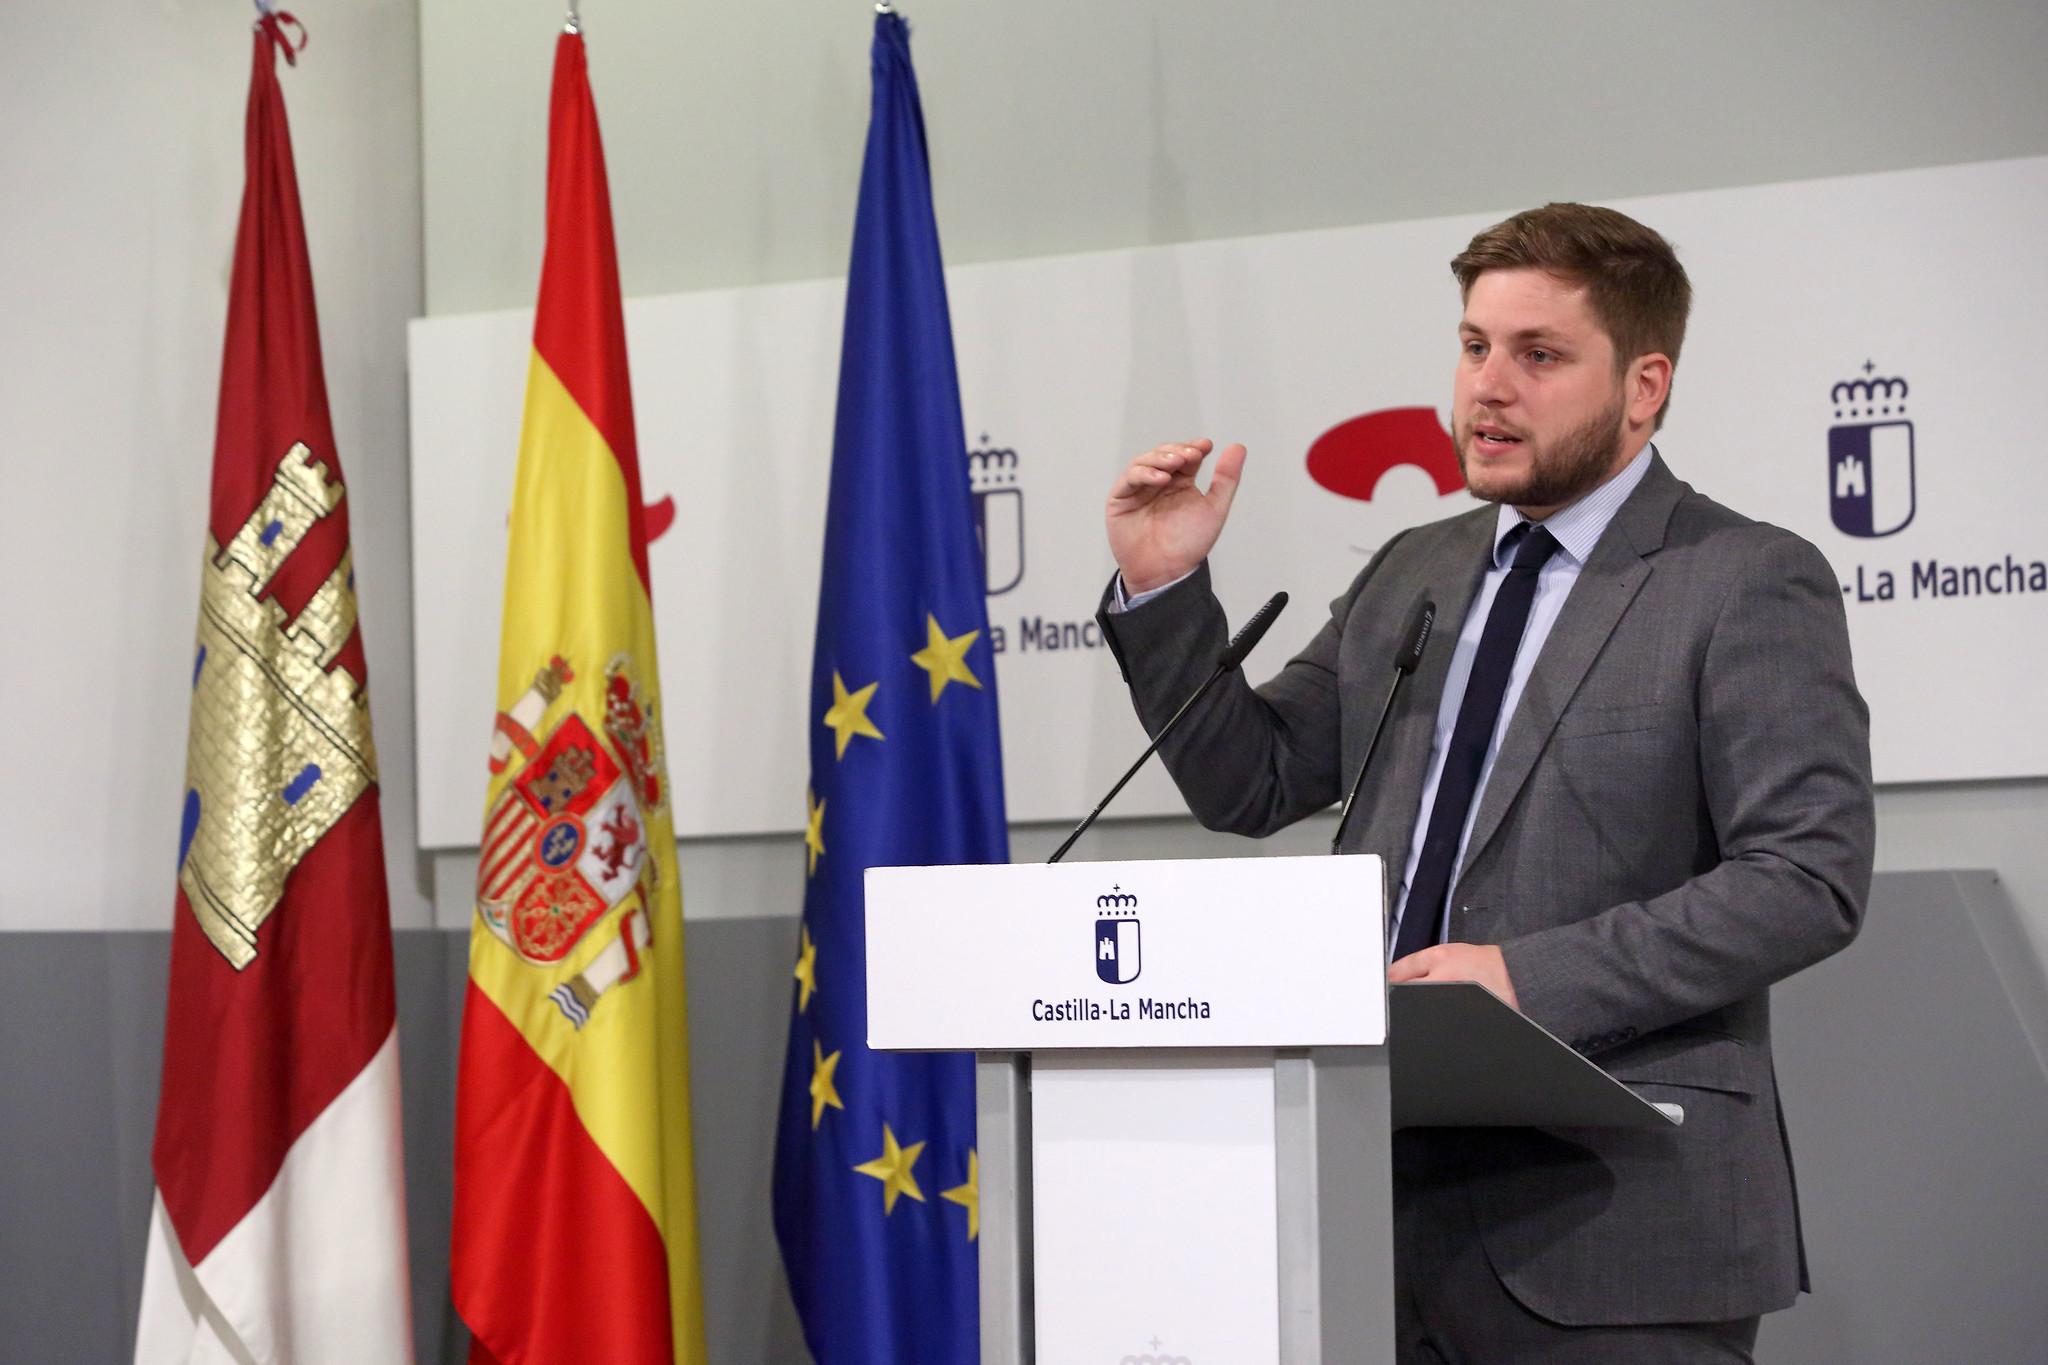 El Gobierno regional logra un ahorro de 14,4 millones de euros gracias a la refinanciación de la deuda y la reducción de los costes financieros